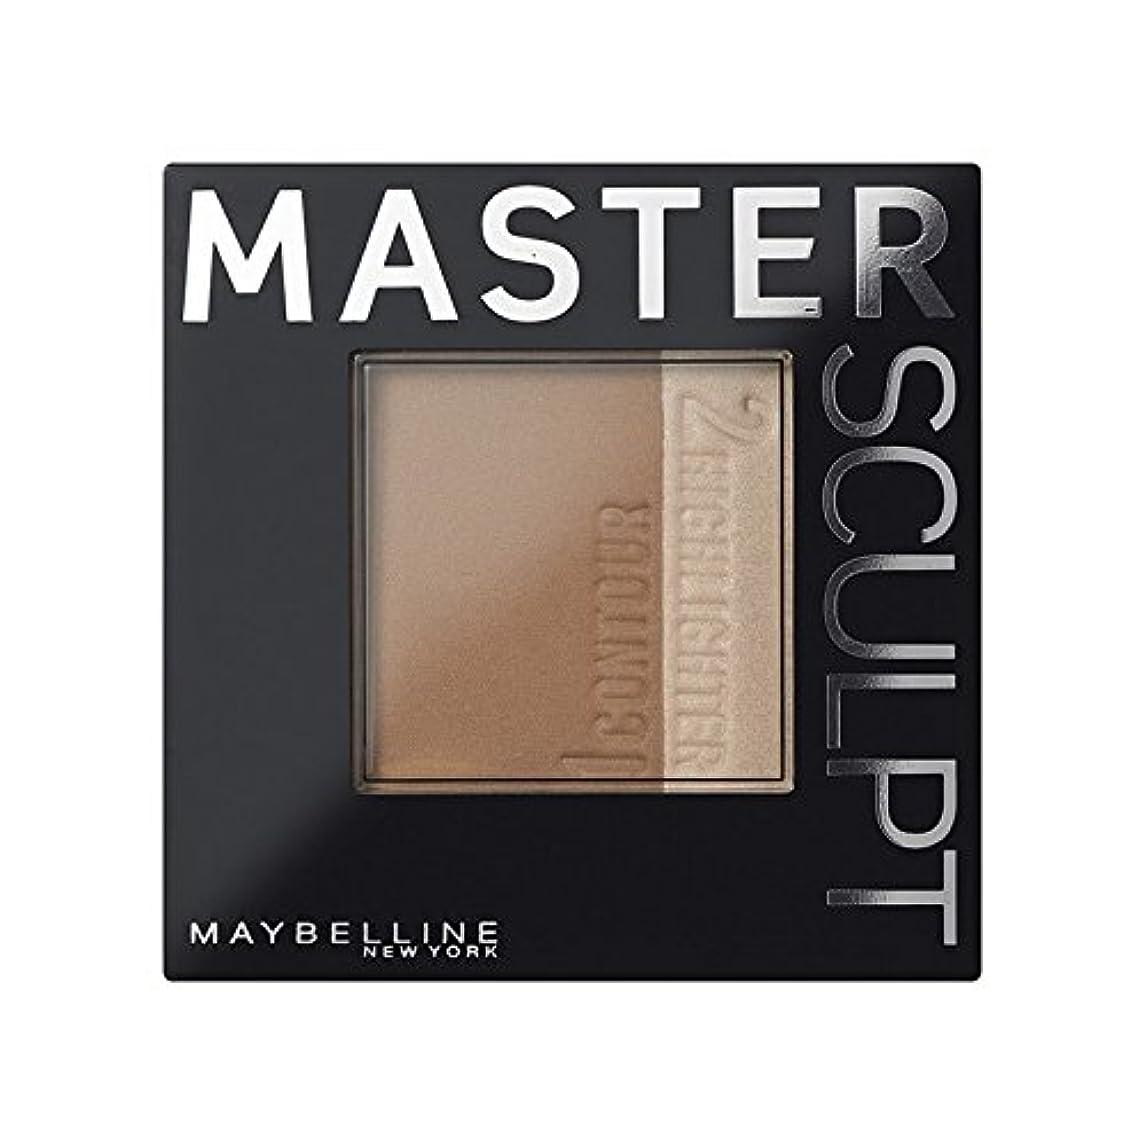 民兵ネクタイ事故Maybelline Master Sculpt Contouring Foundation 01 Light/Med (Pack of 6) - 土台01光/ を輪郭メイベリンマスタースカルプト x6 [並行輸入品]